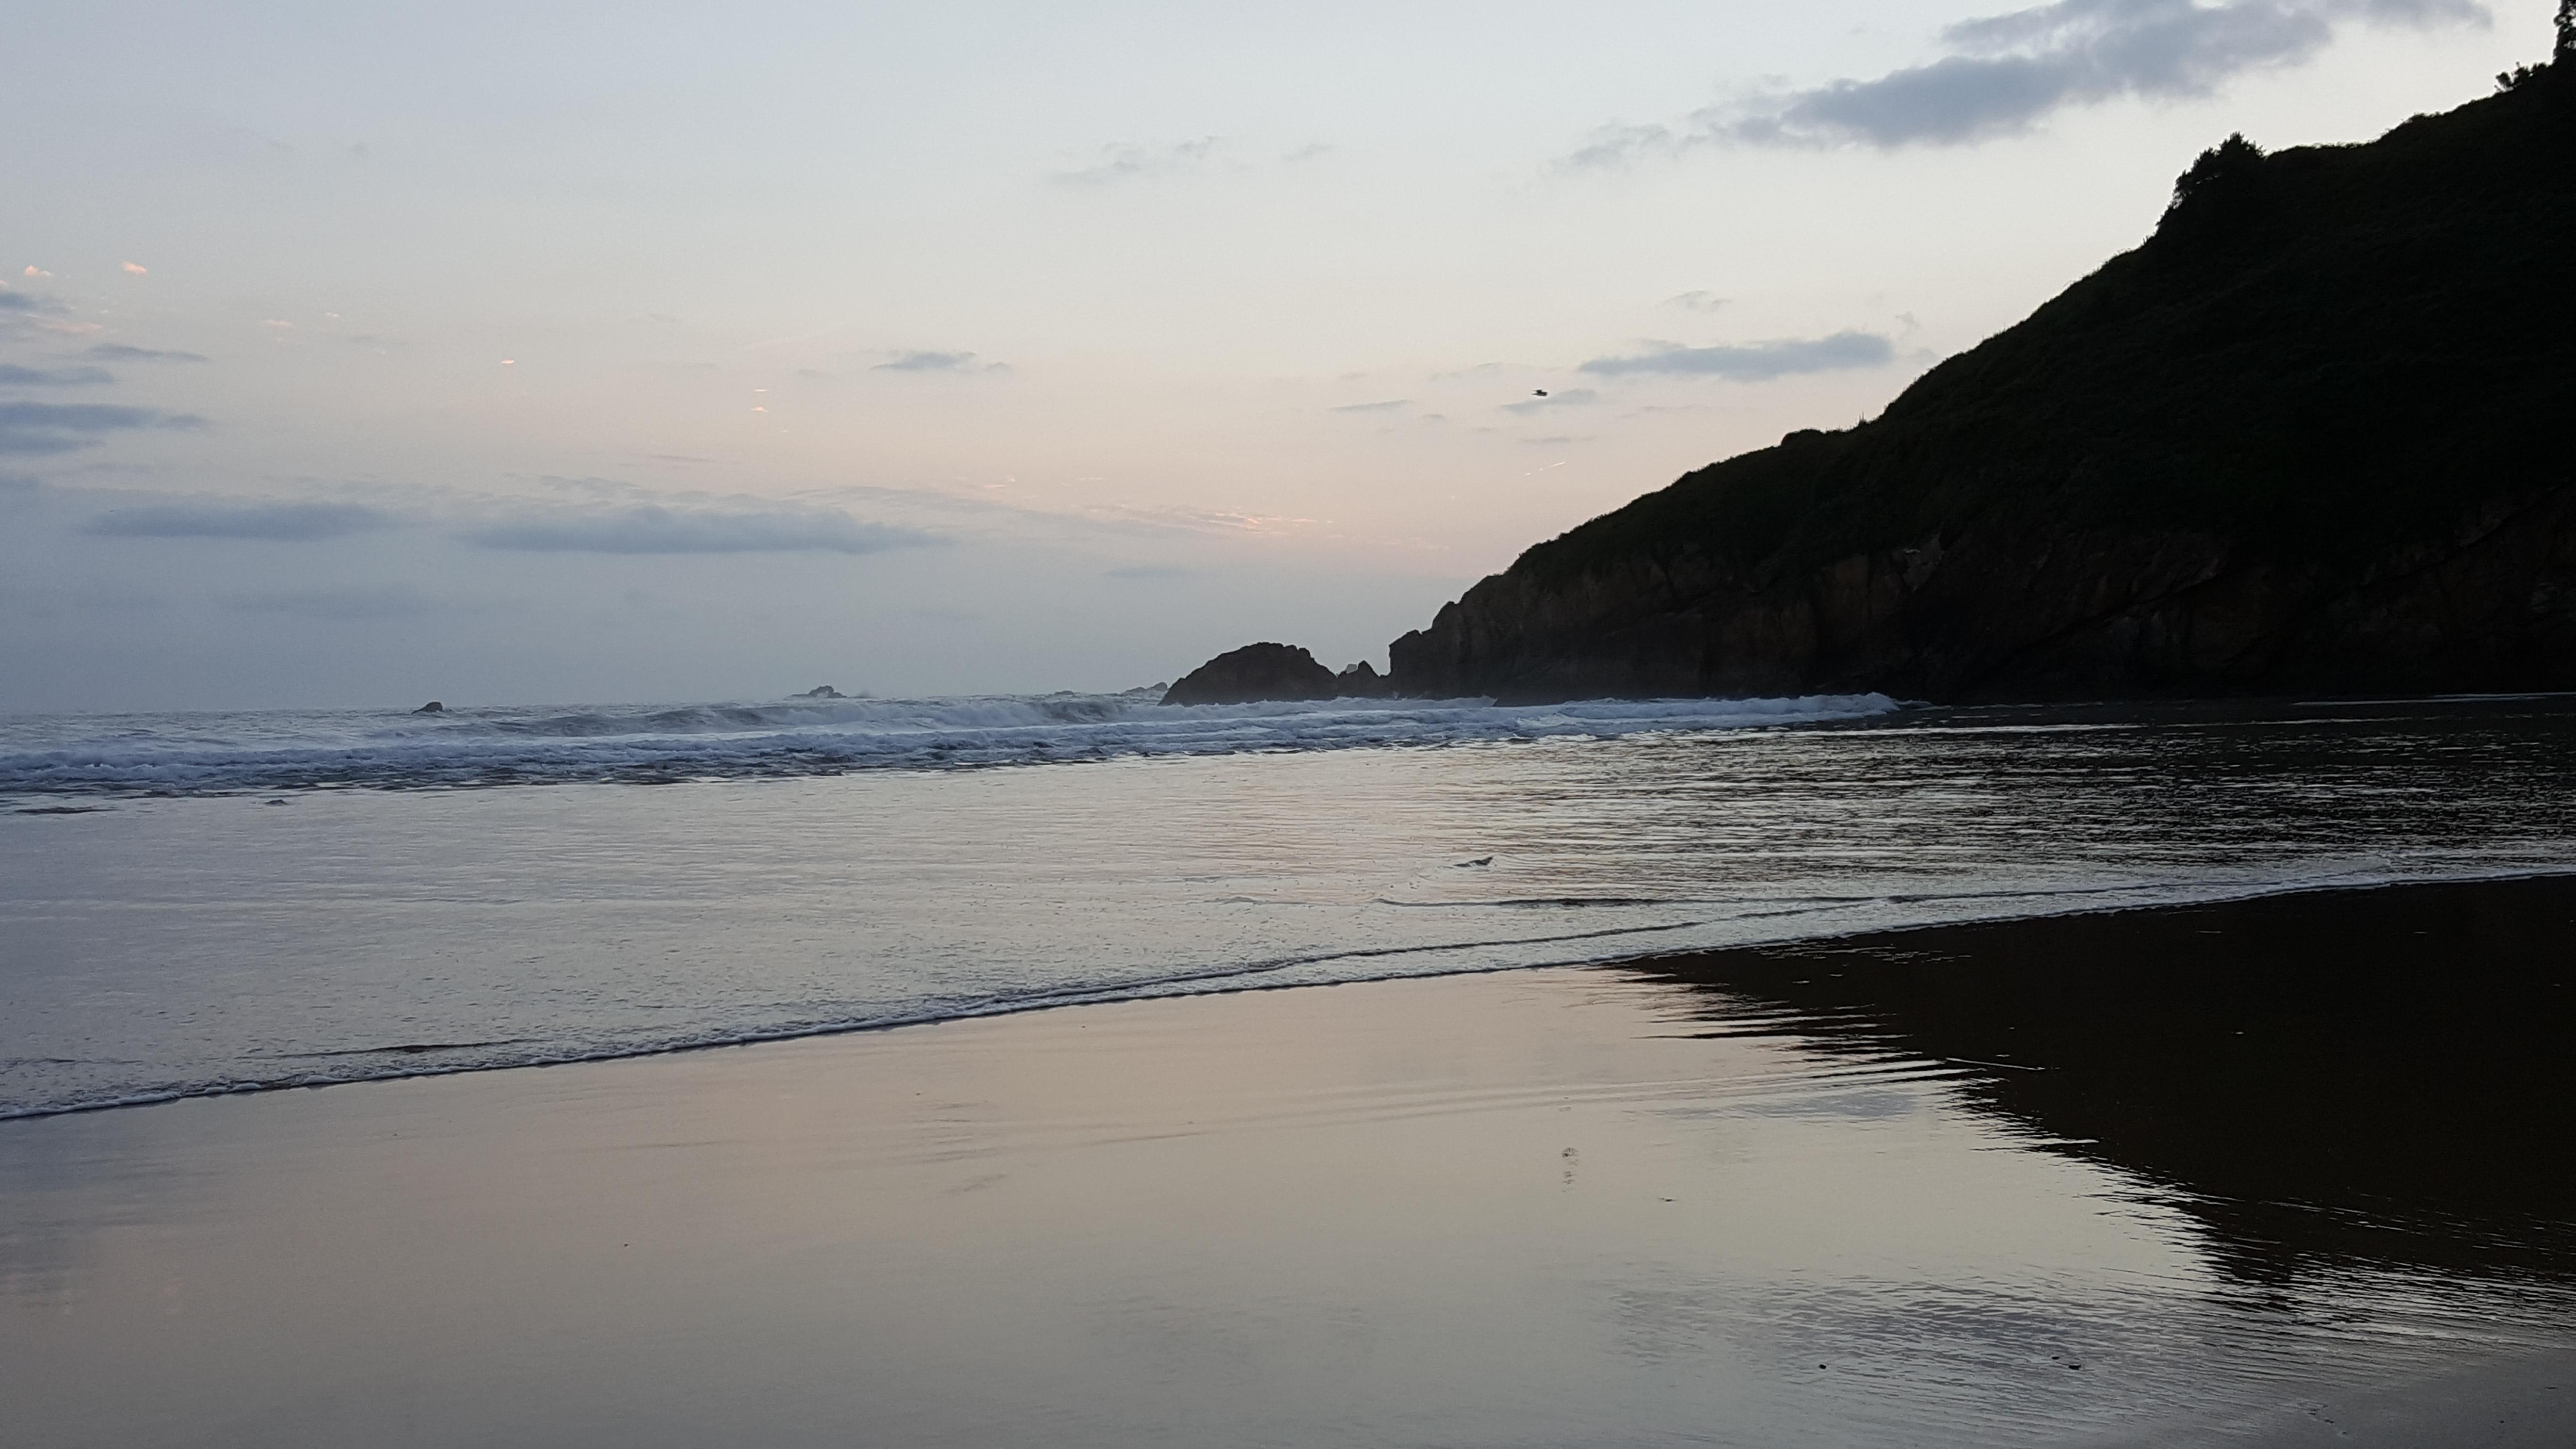 En la playa anochece, la mar se retira, el monte que se alza a la orilla y se refleja en la arena